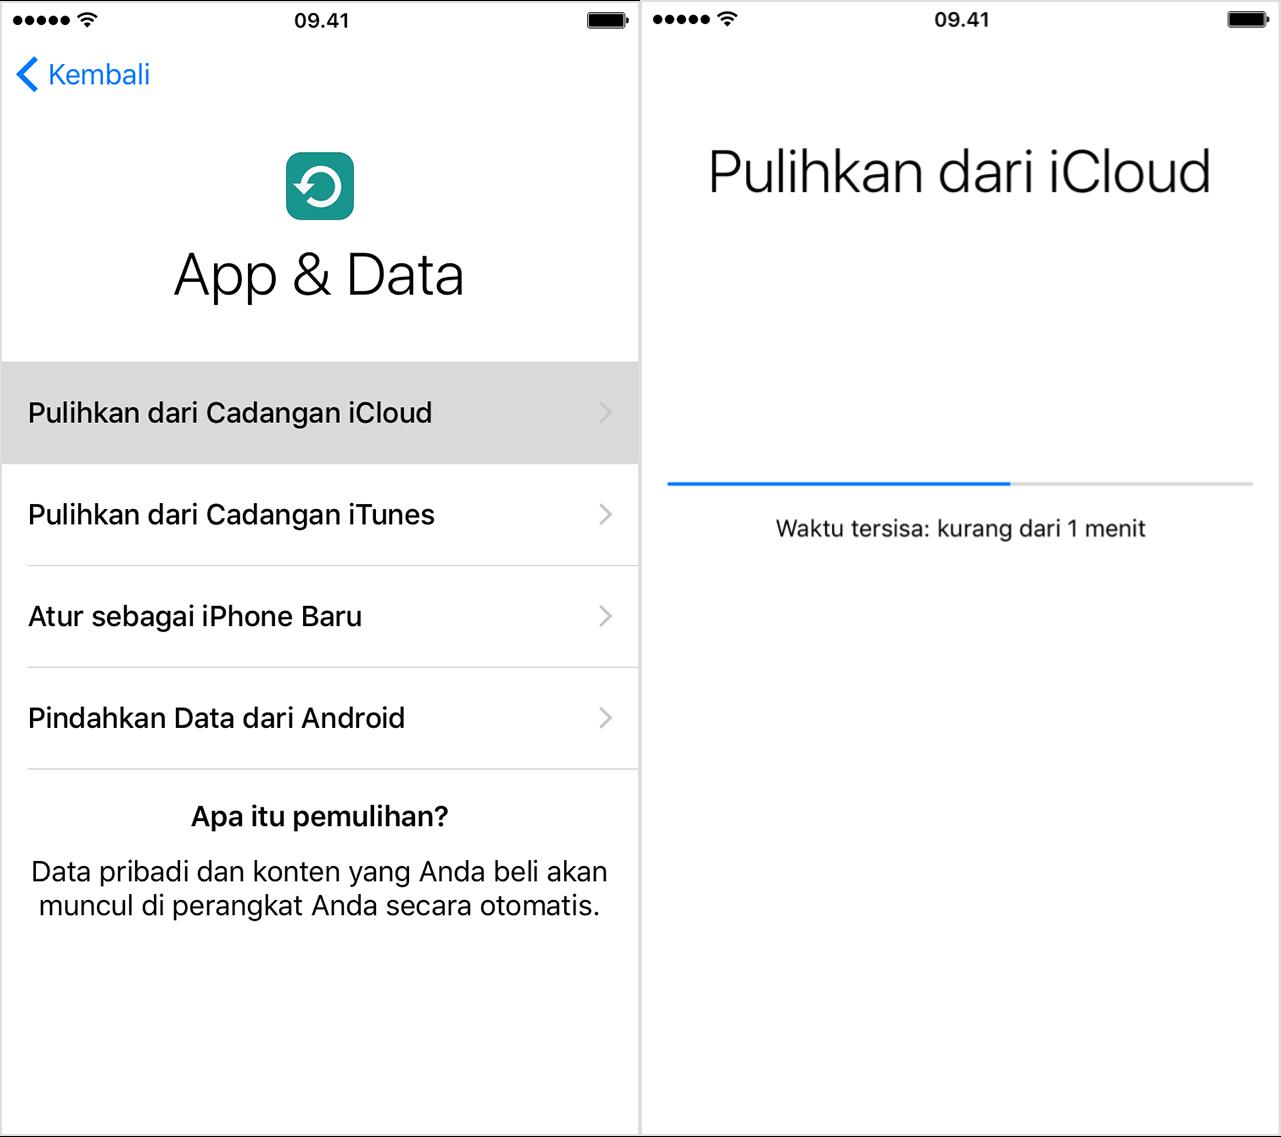 Memulihkan Cadangan iOS Dari iCloud